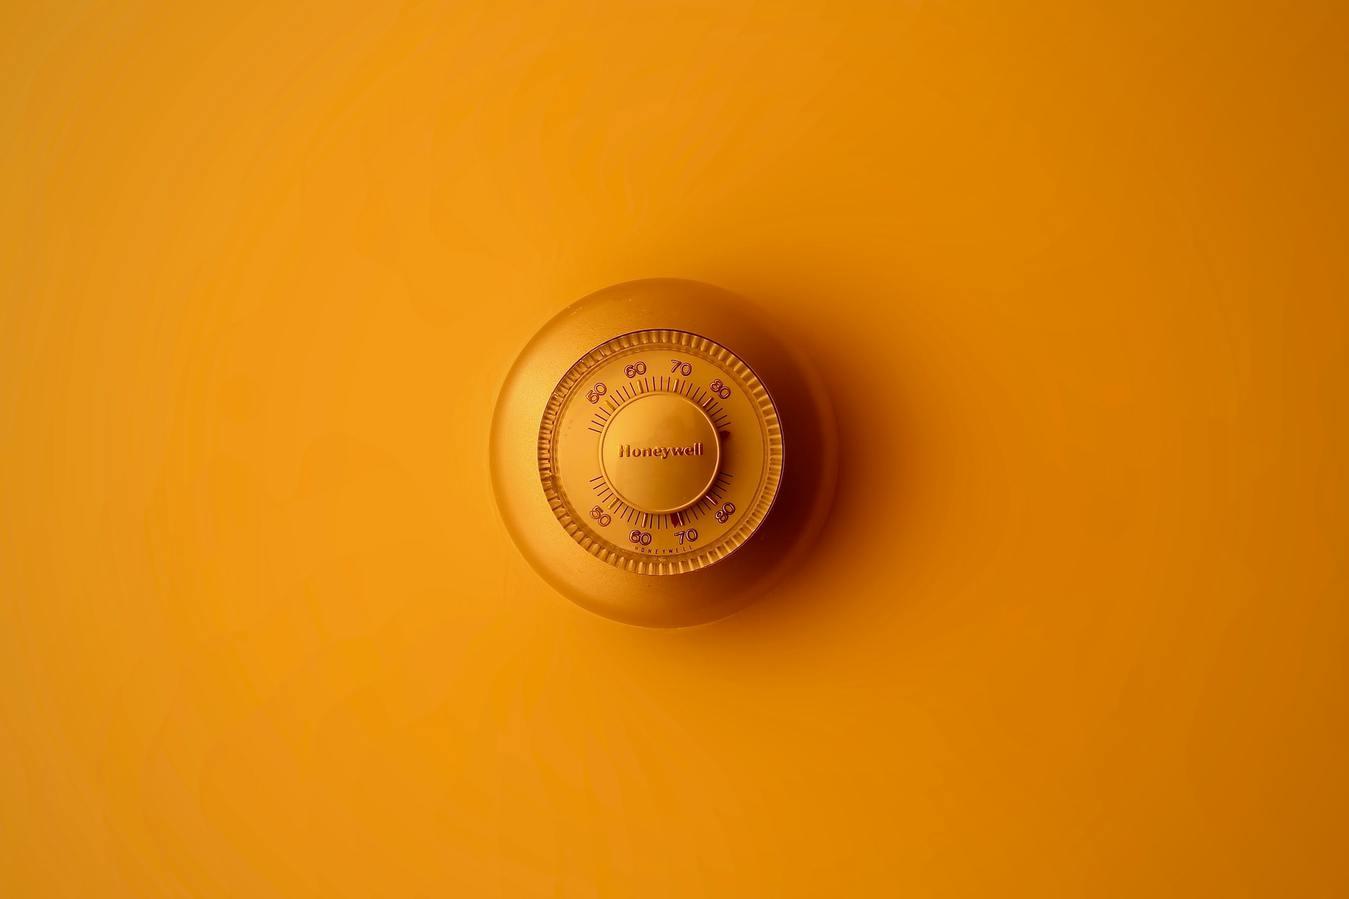 Kunci pengaman berlatar oranye